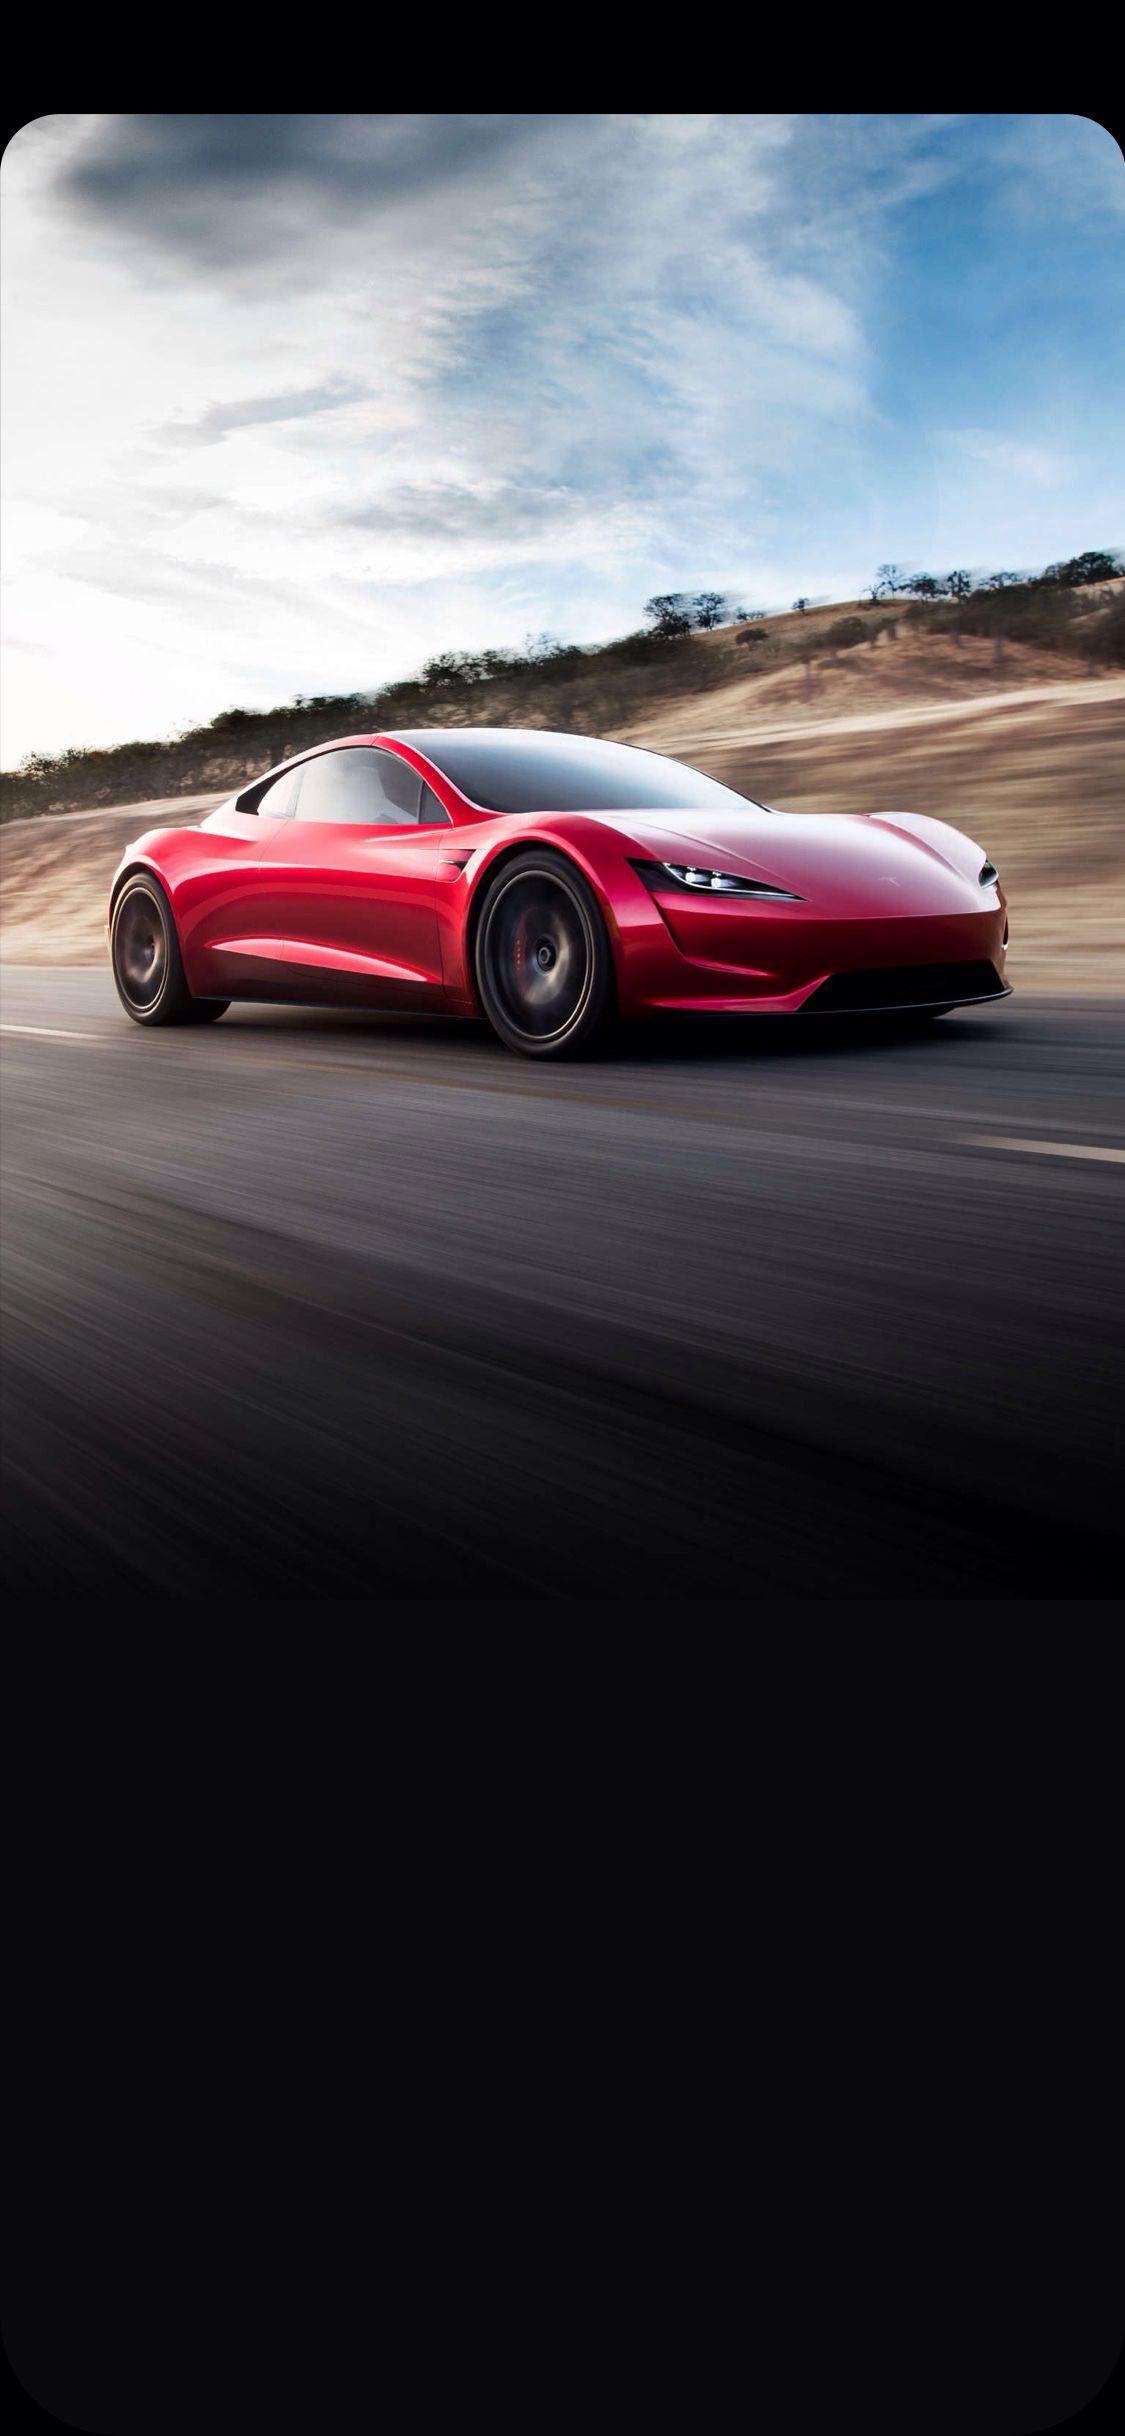 ปักพินโดย Wallpapers Phone&Pad HD ใน Tesla Roadster for